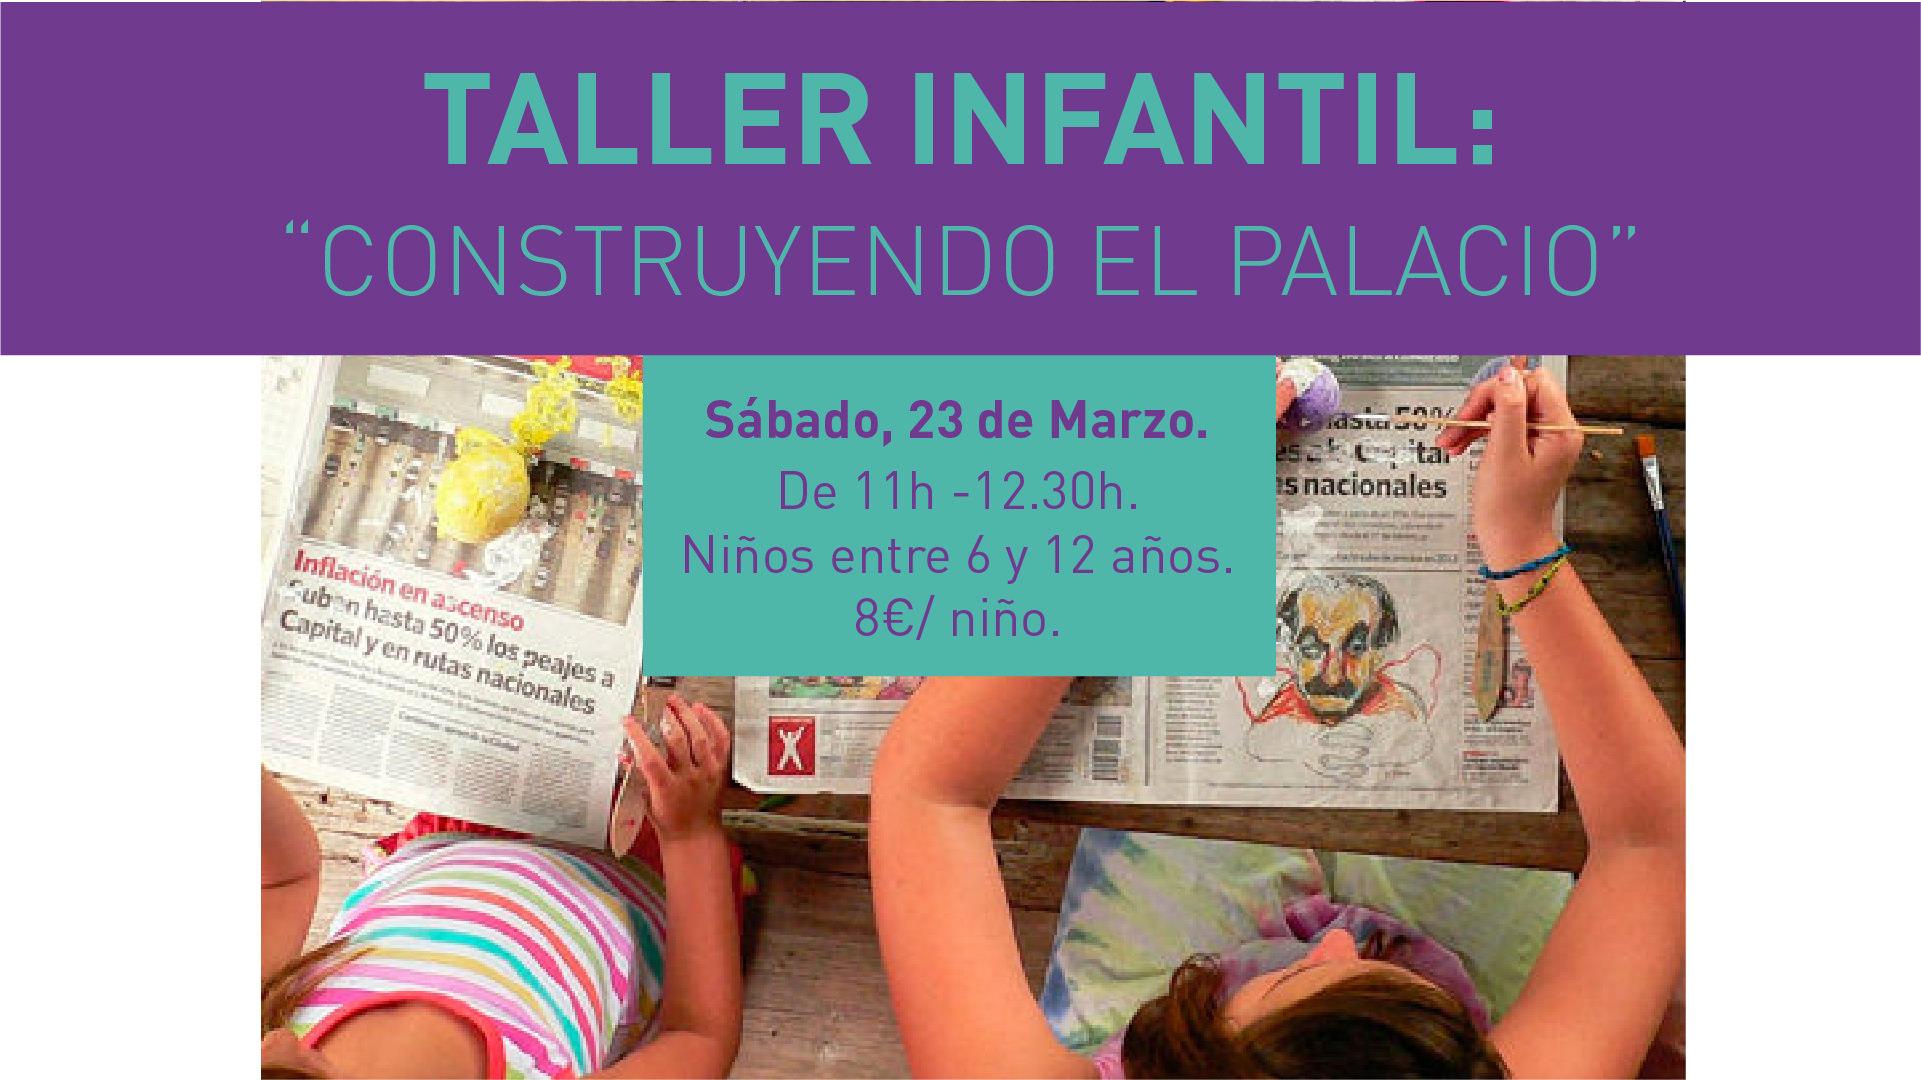 taller infantil construyendo el palacio